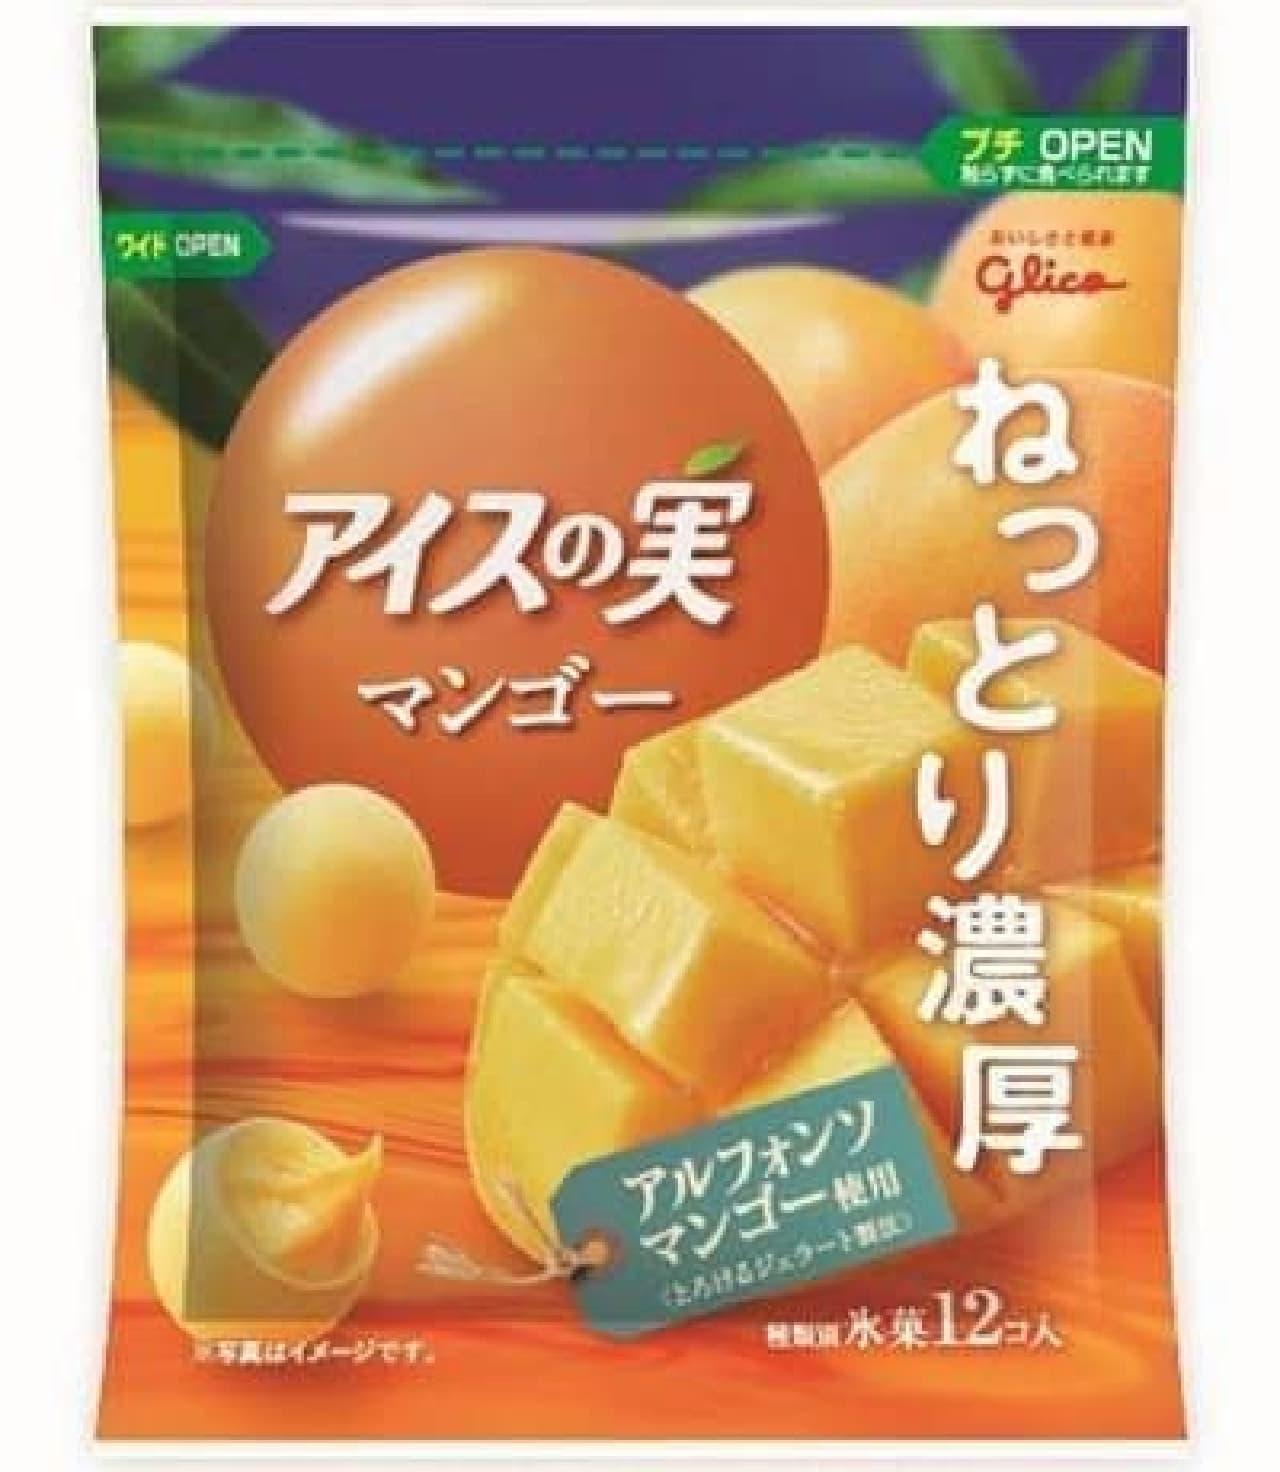 マンゴーをそのまま食べてるみたい!?